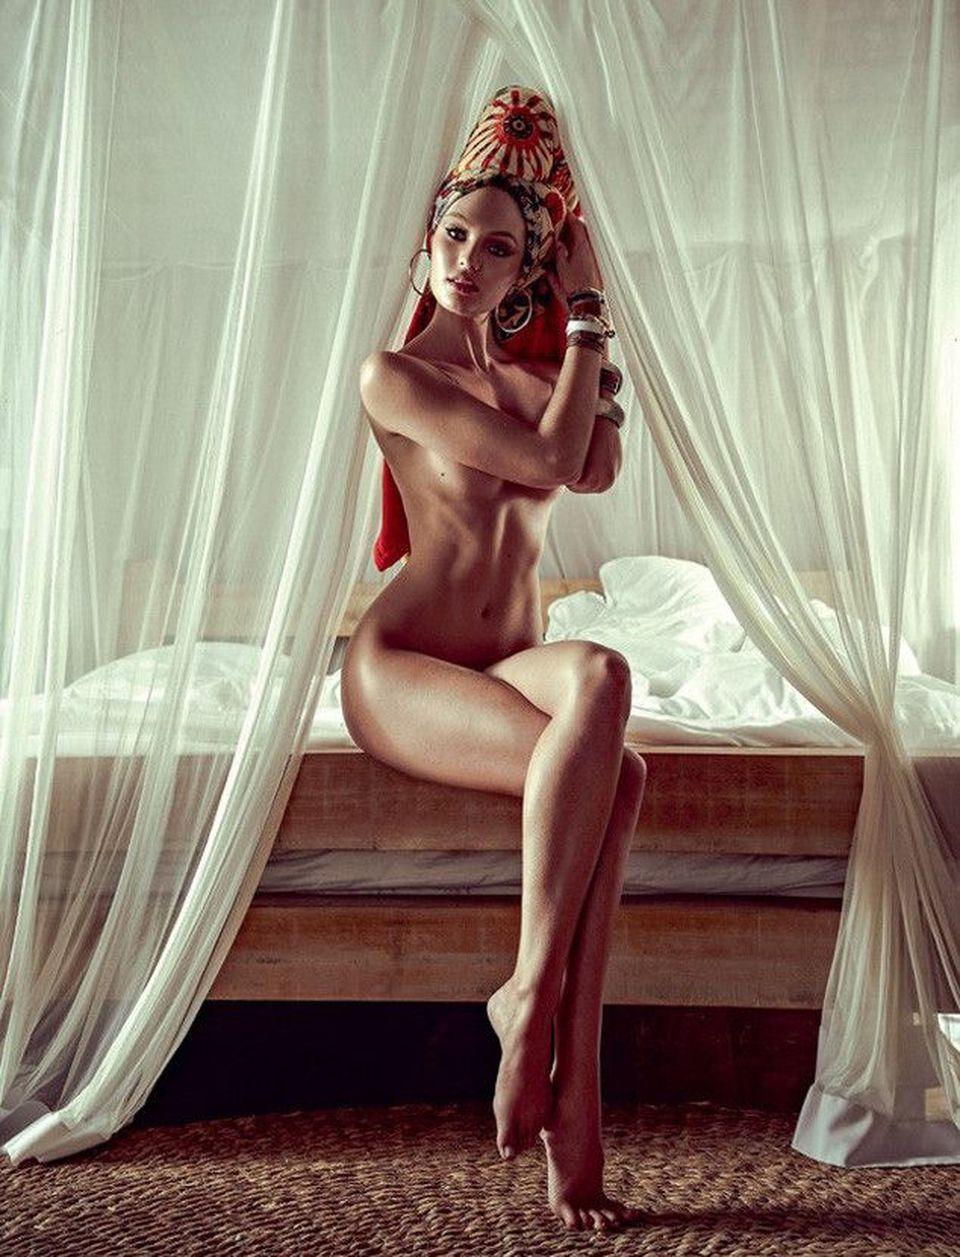 Iti vine sa crezi ca superbitatea asta a pozat nud? E o vedeta cunoscuta iar imaginile cu ea dezbracata arata bestial!